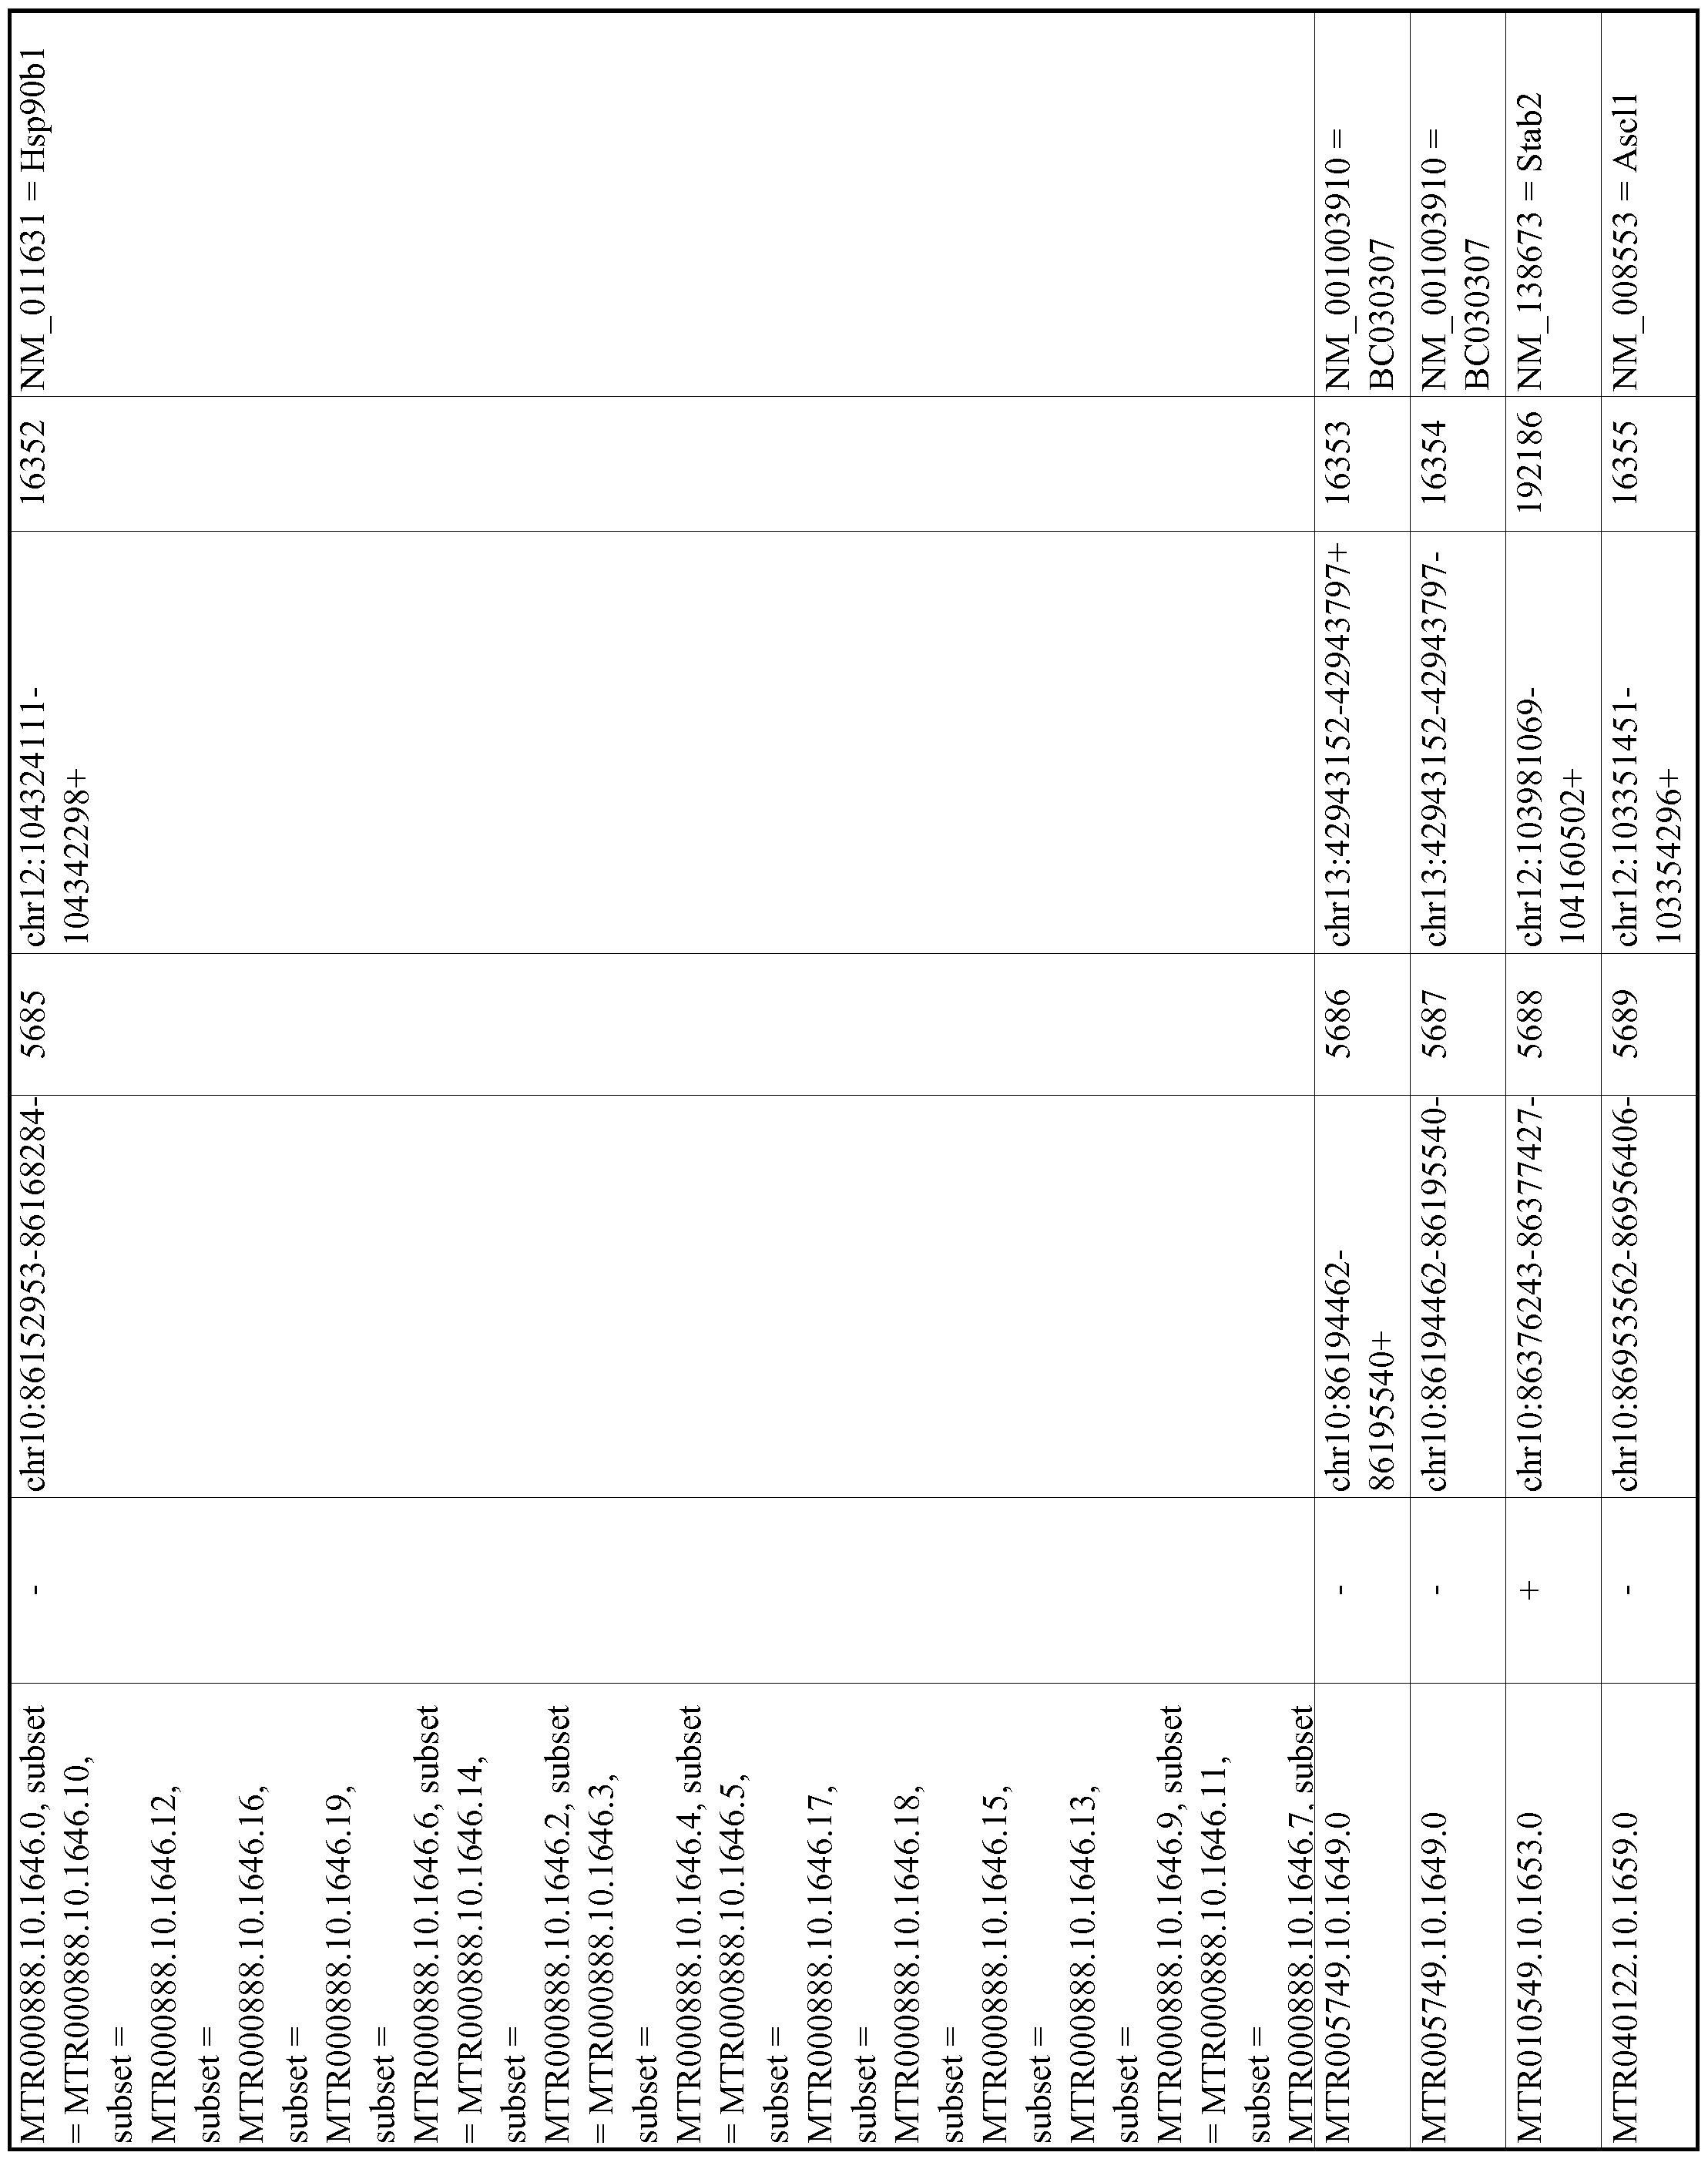 Figure imgf001025_0001